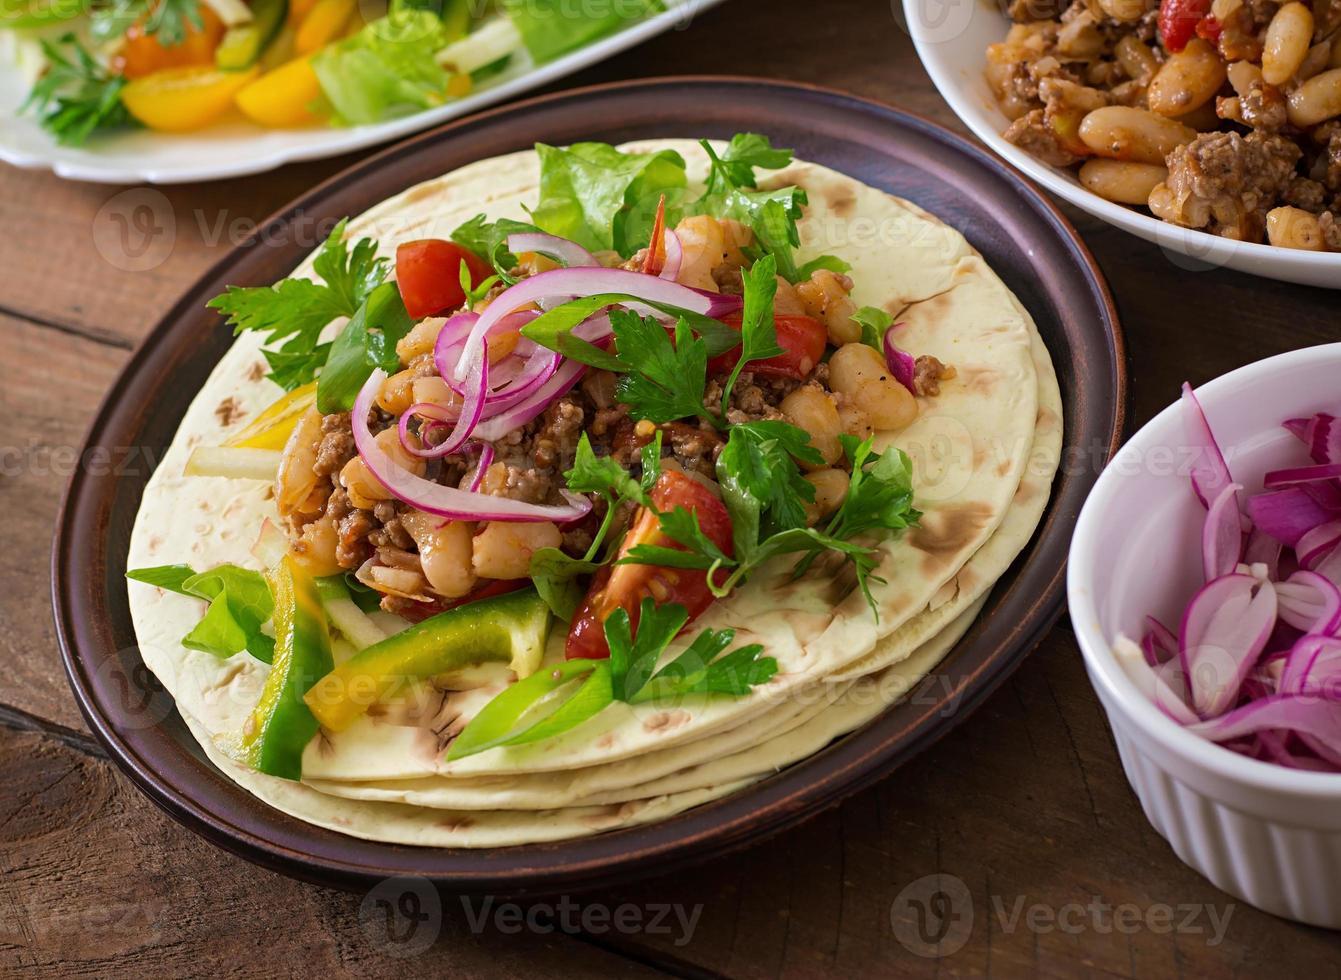 tacos mexicains avec viande, haricots et salsa photo